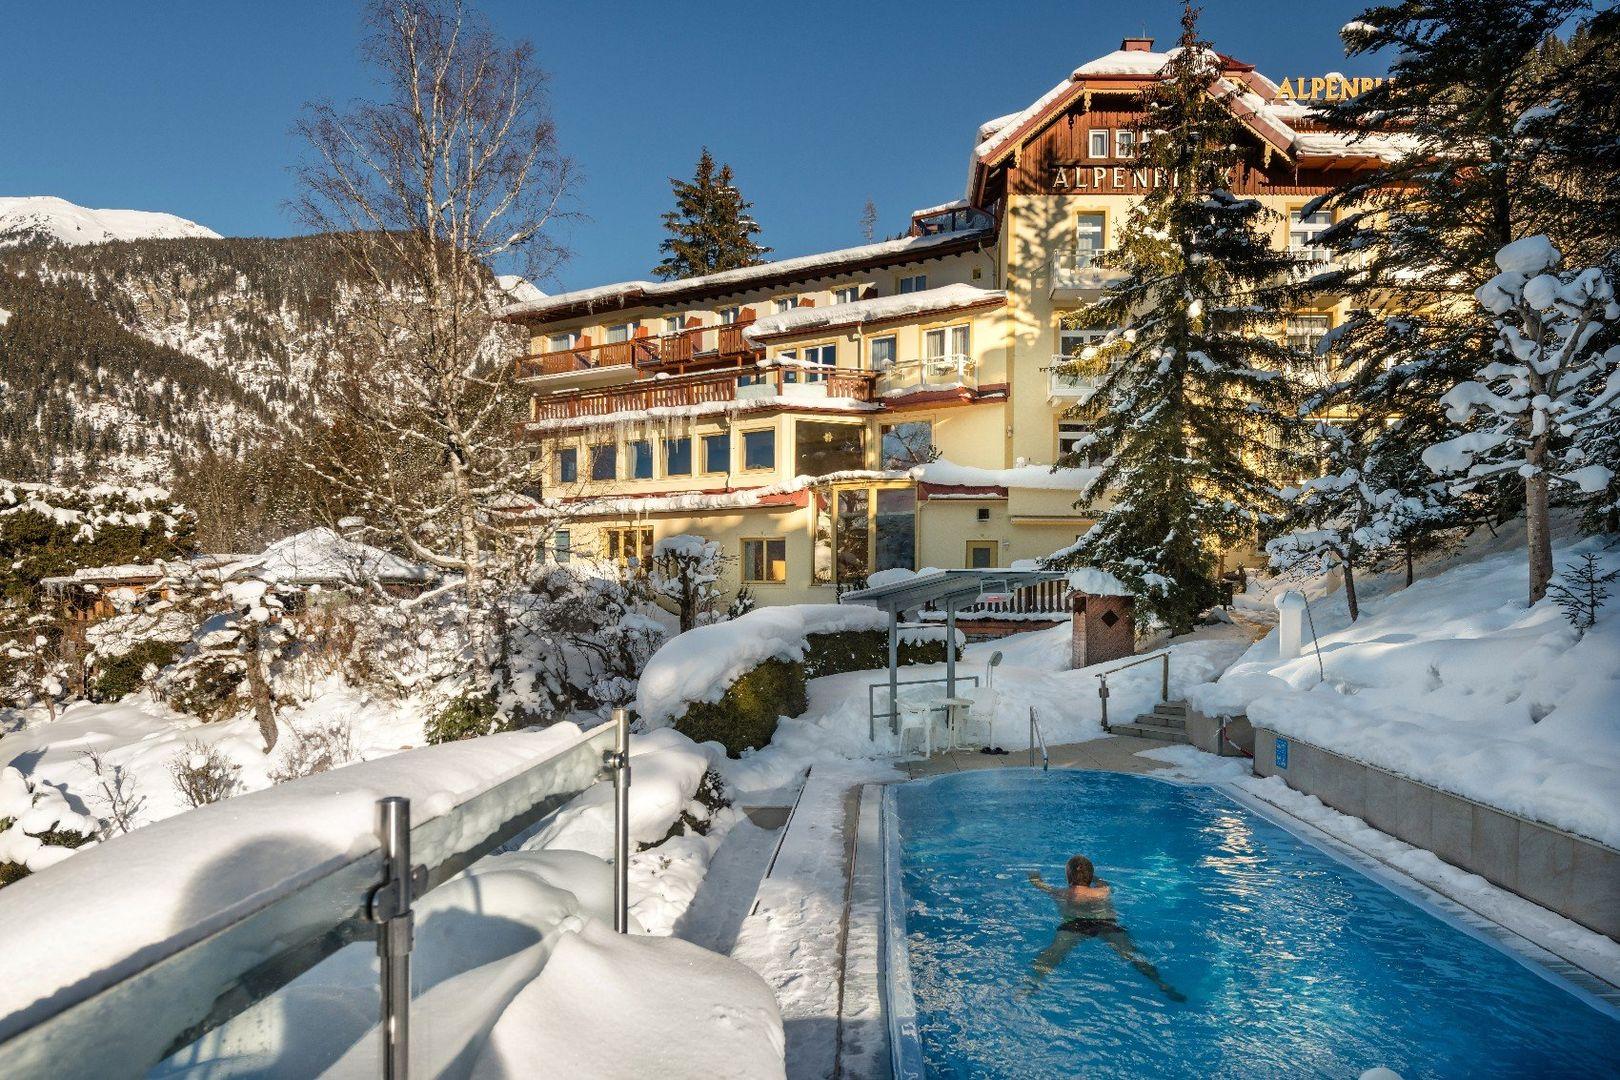 Hotel Alpenblick - Slide 1